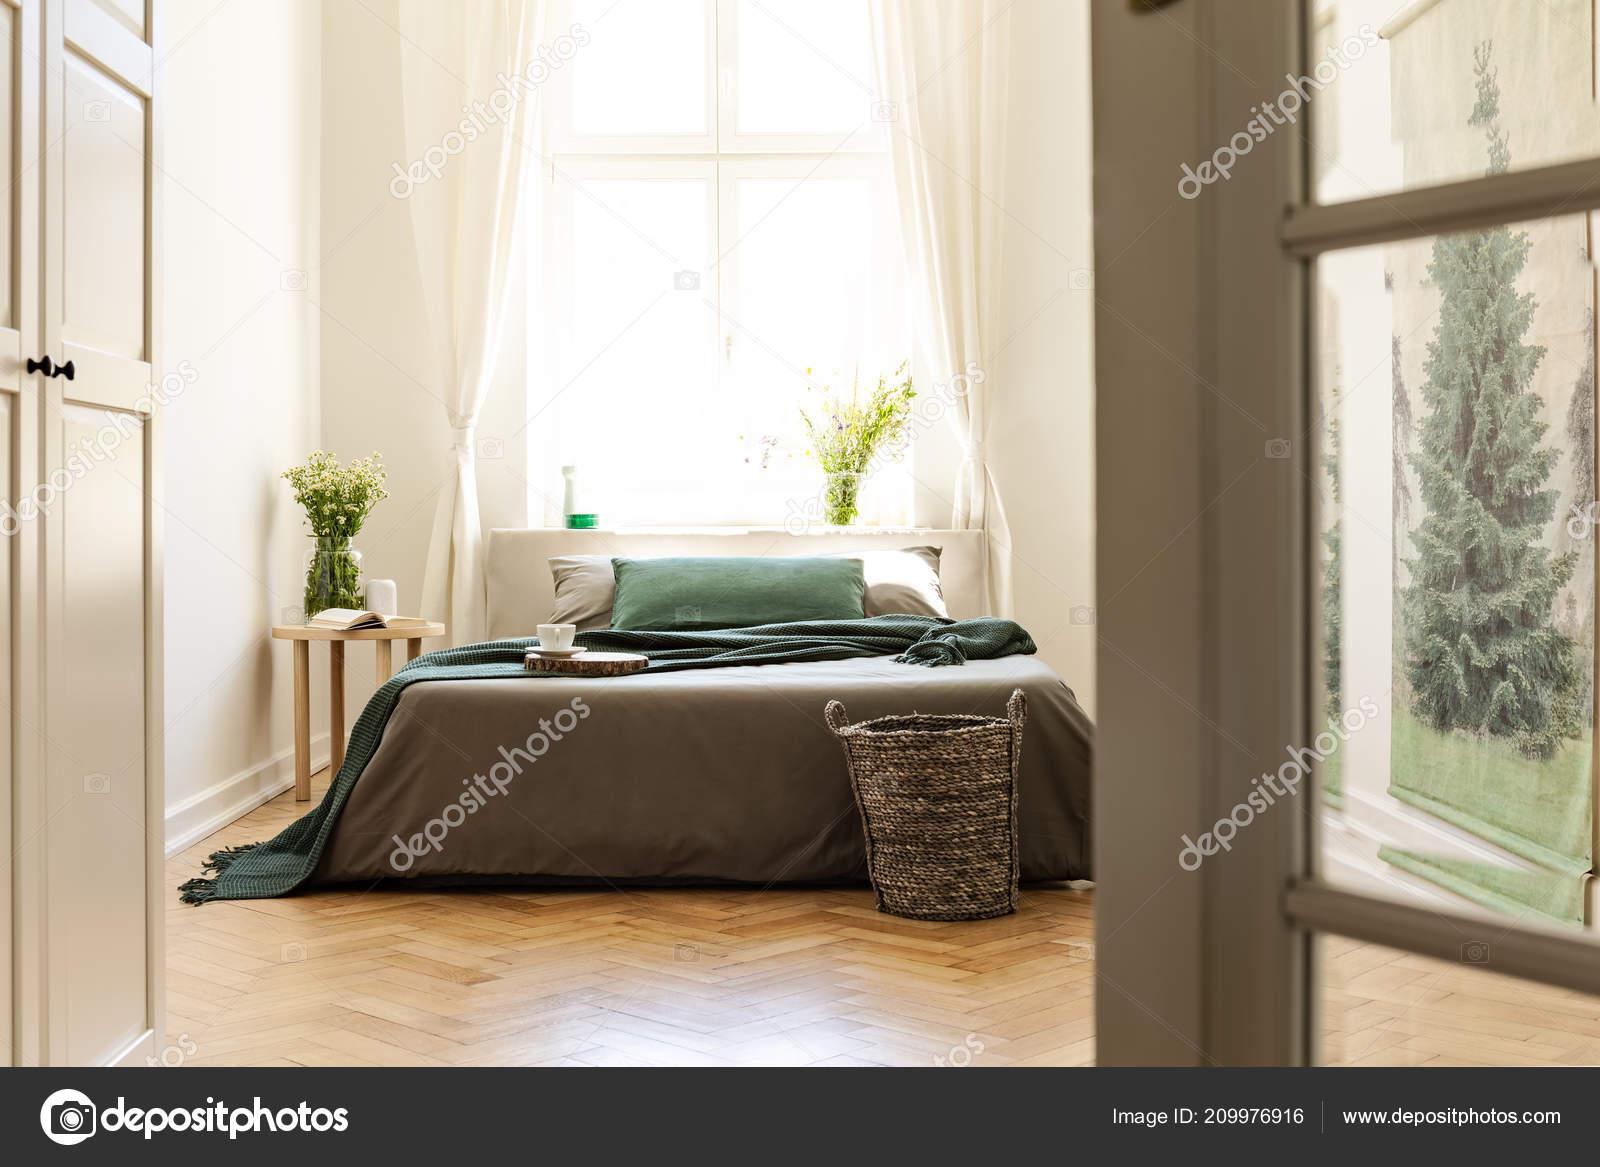 Full Size of Graues Bett Ikea Kombinieren Bettlaken 180x200 120x200 Waschen Welche Wandfarbe 160x200 Samtsofa 140x200 Grne Auf Graue Innen Minimal Schlafzimmer Mit Blumen Bett Graues Bett